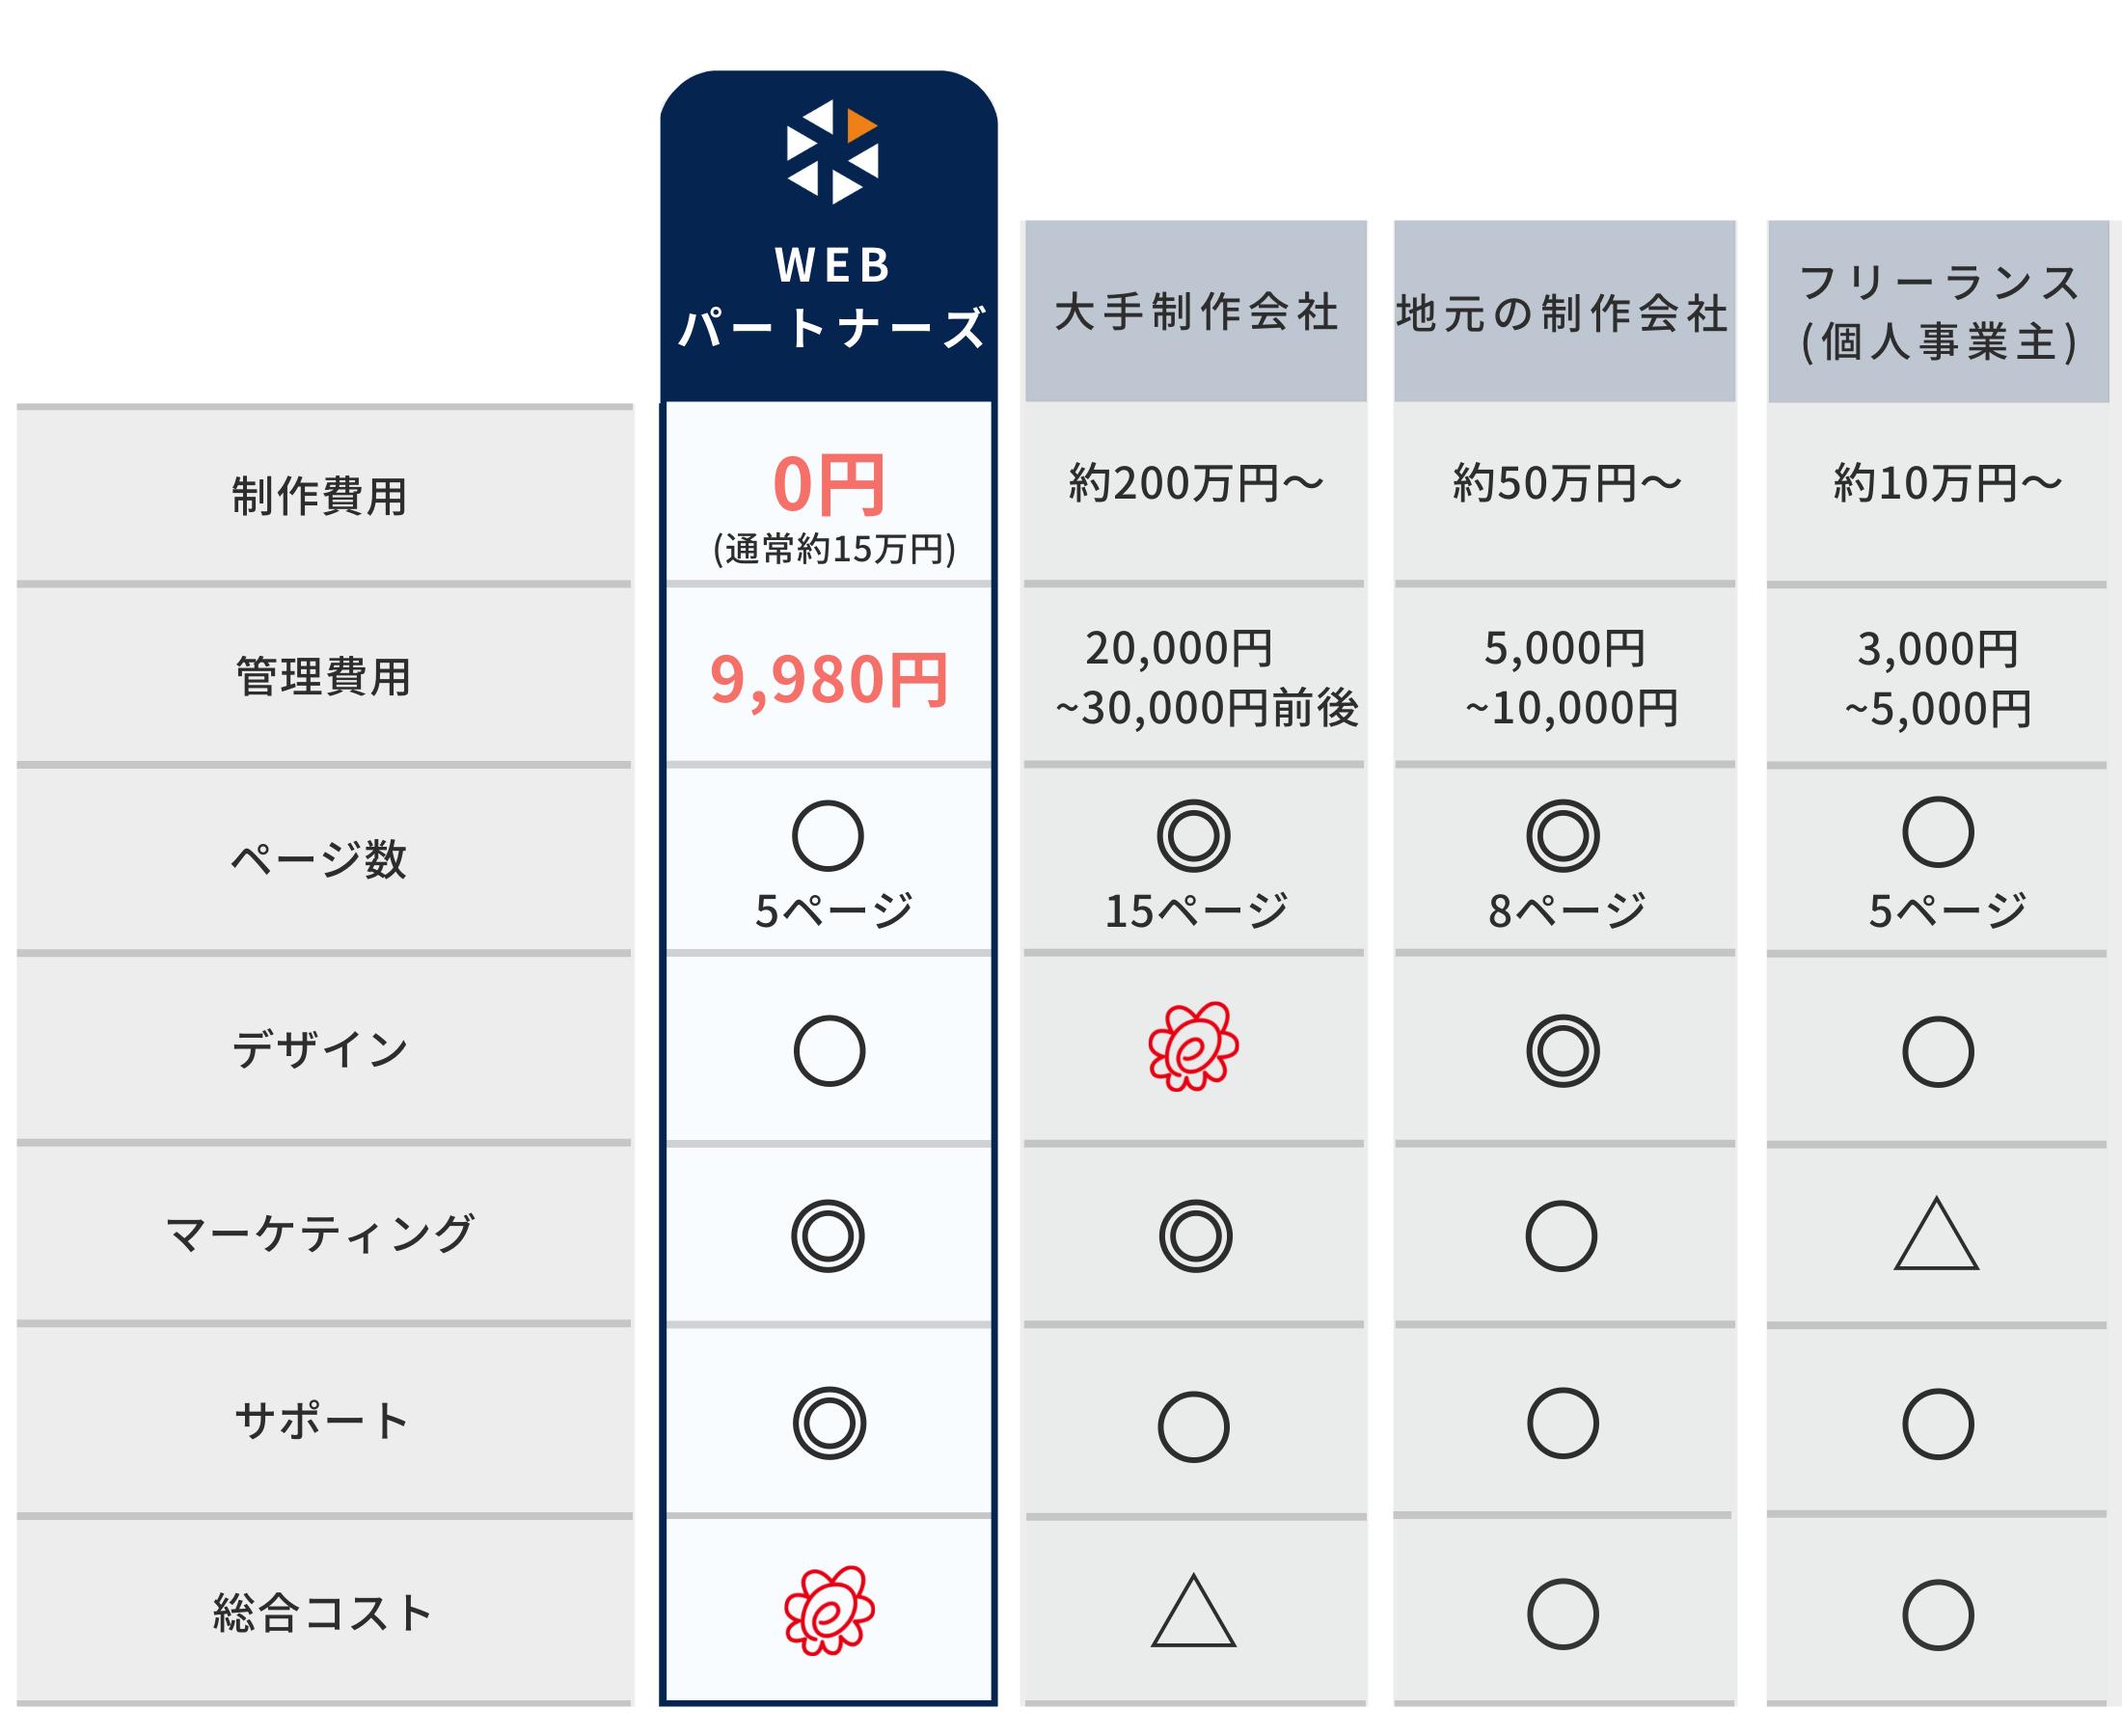 ホームページ制作会社の比較表